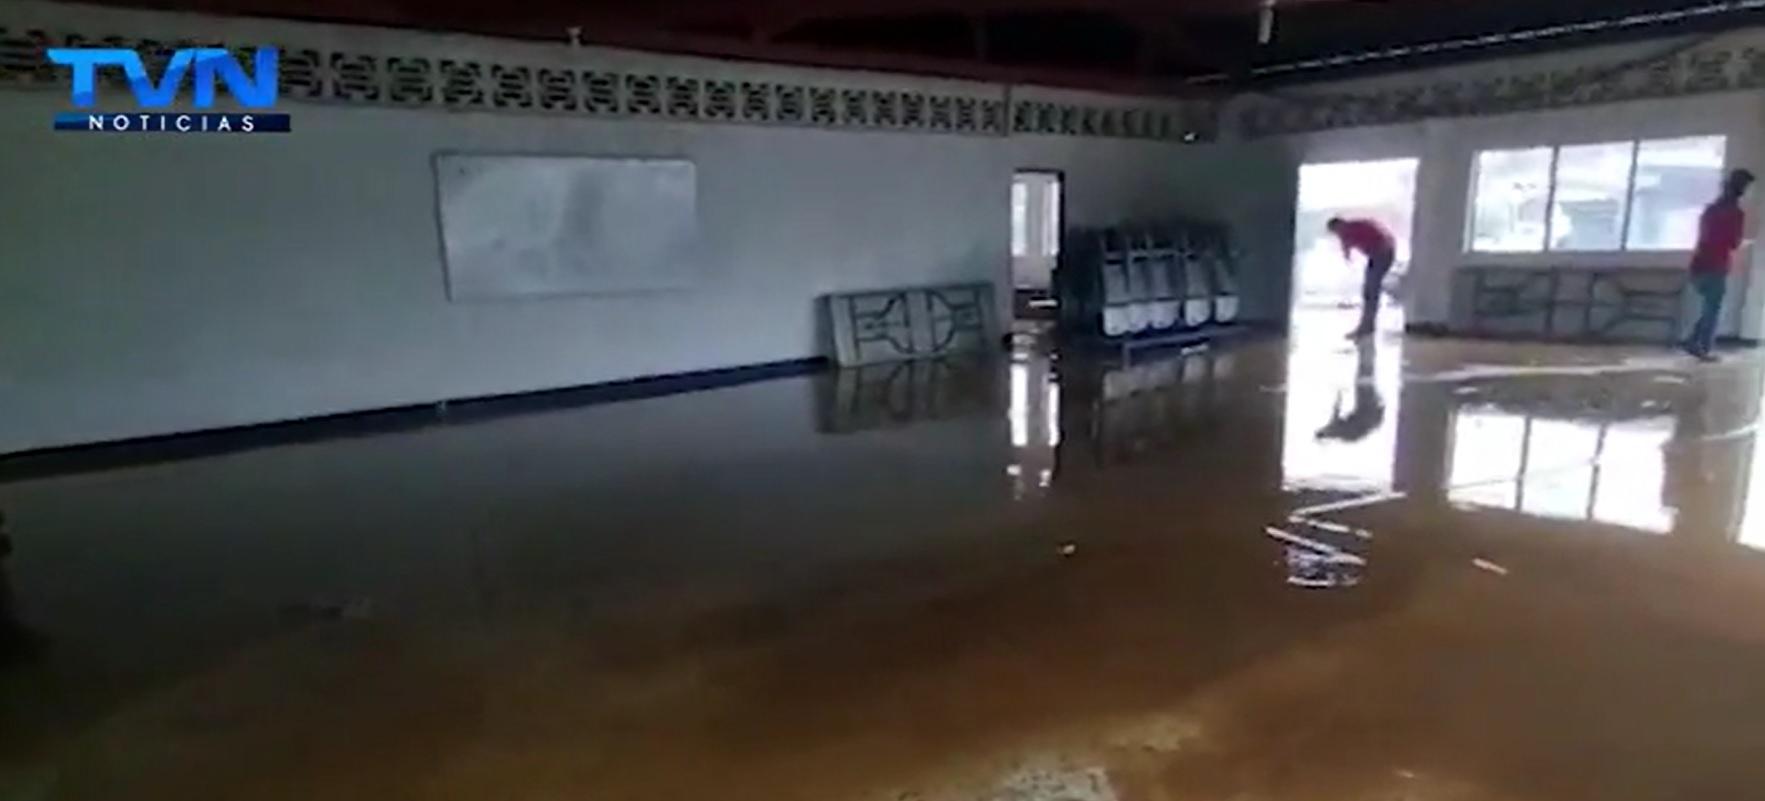 Los fuertes aguaceros del fin de semana afectaron diferentes localidades en Guatuso y Pital de San Carlos